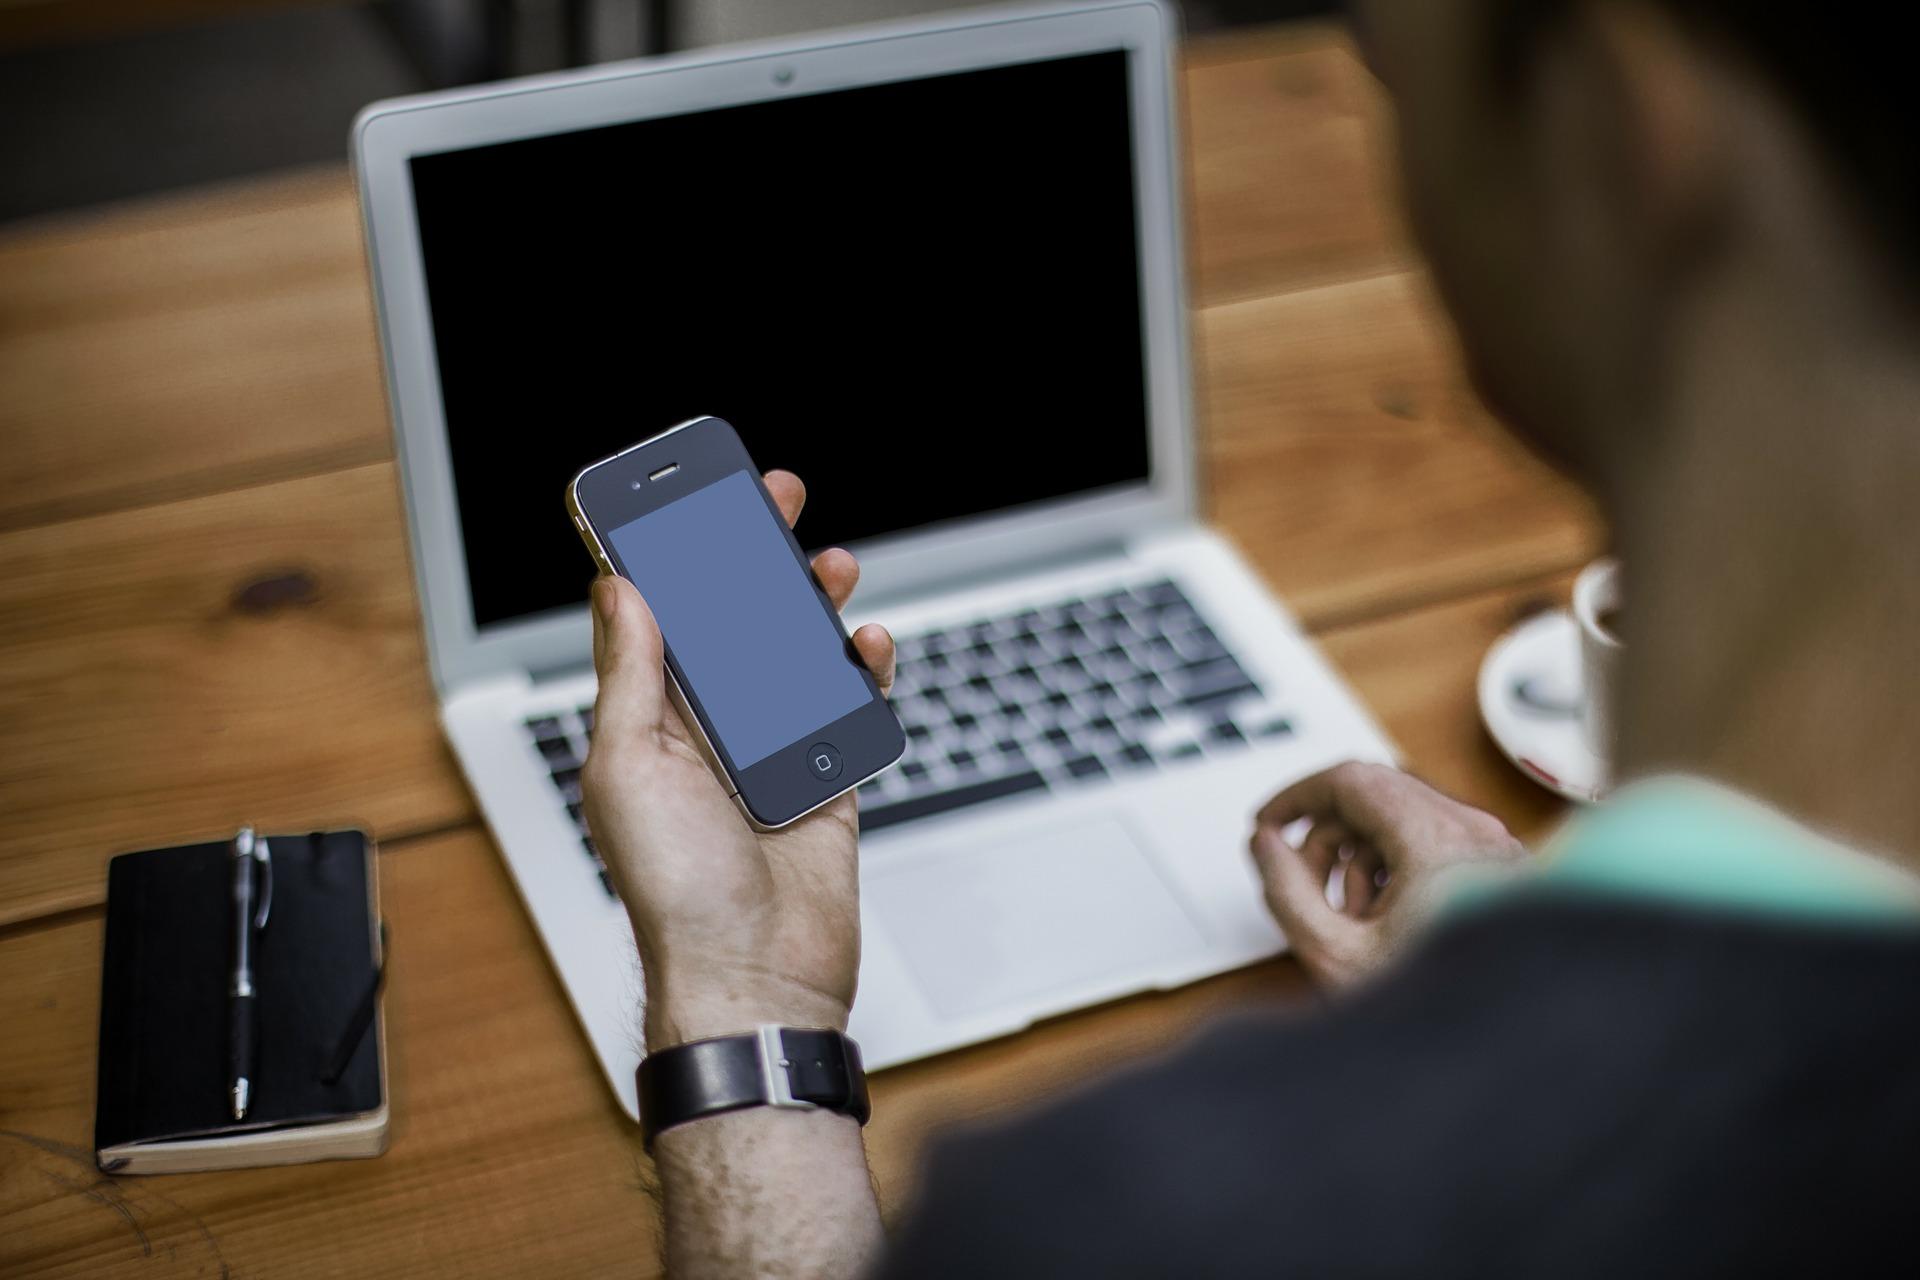 【アナリティクス】デバイスが異なってもこれで同一ユーザーであるかわかる!